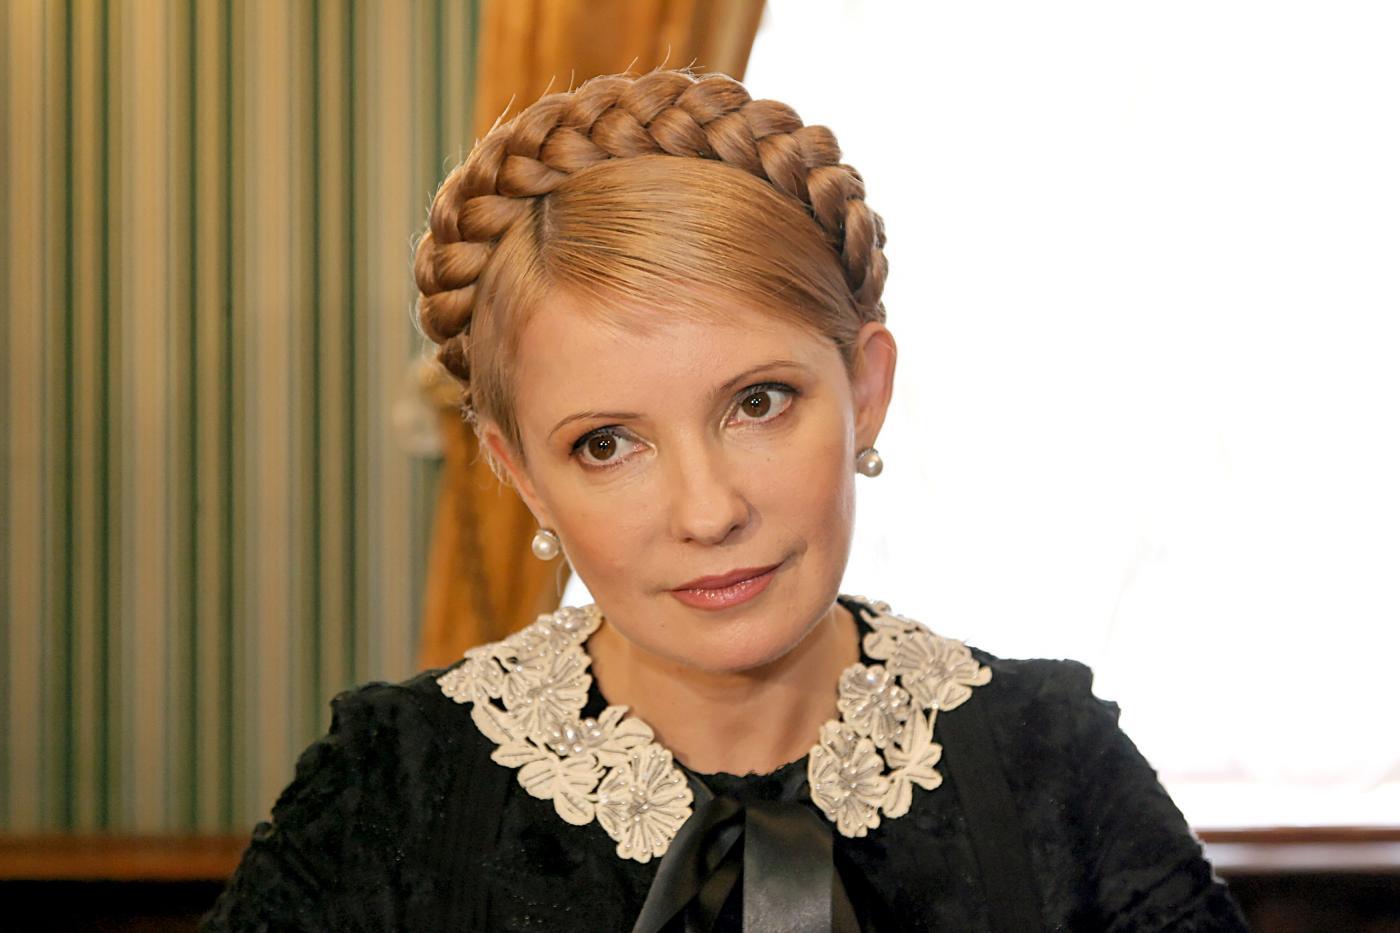 Юлия Тимошенко: биография, личная жизнь, семья, муж, дети — фото